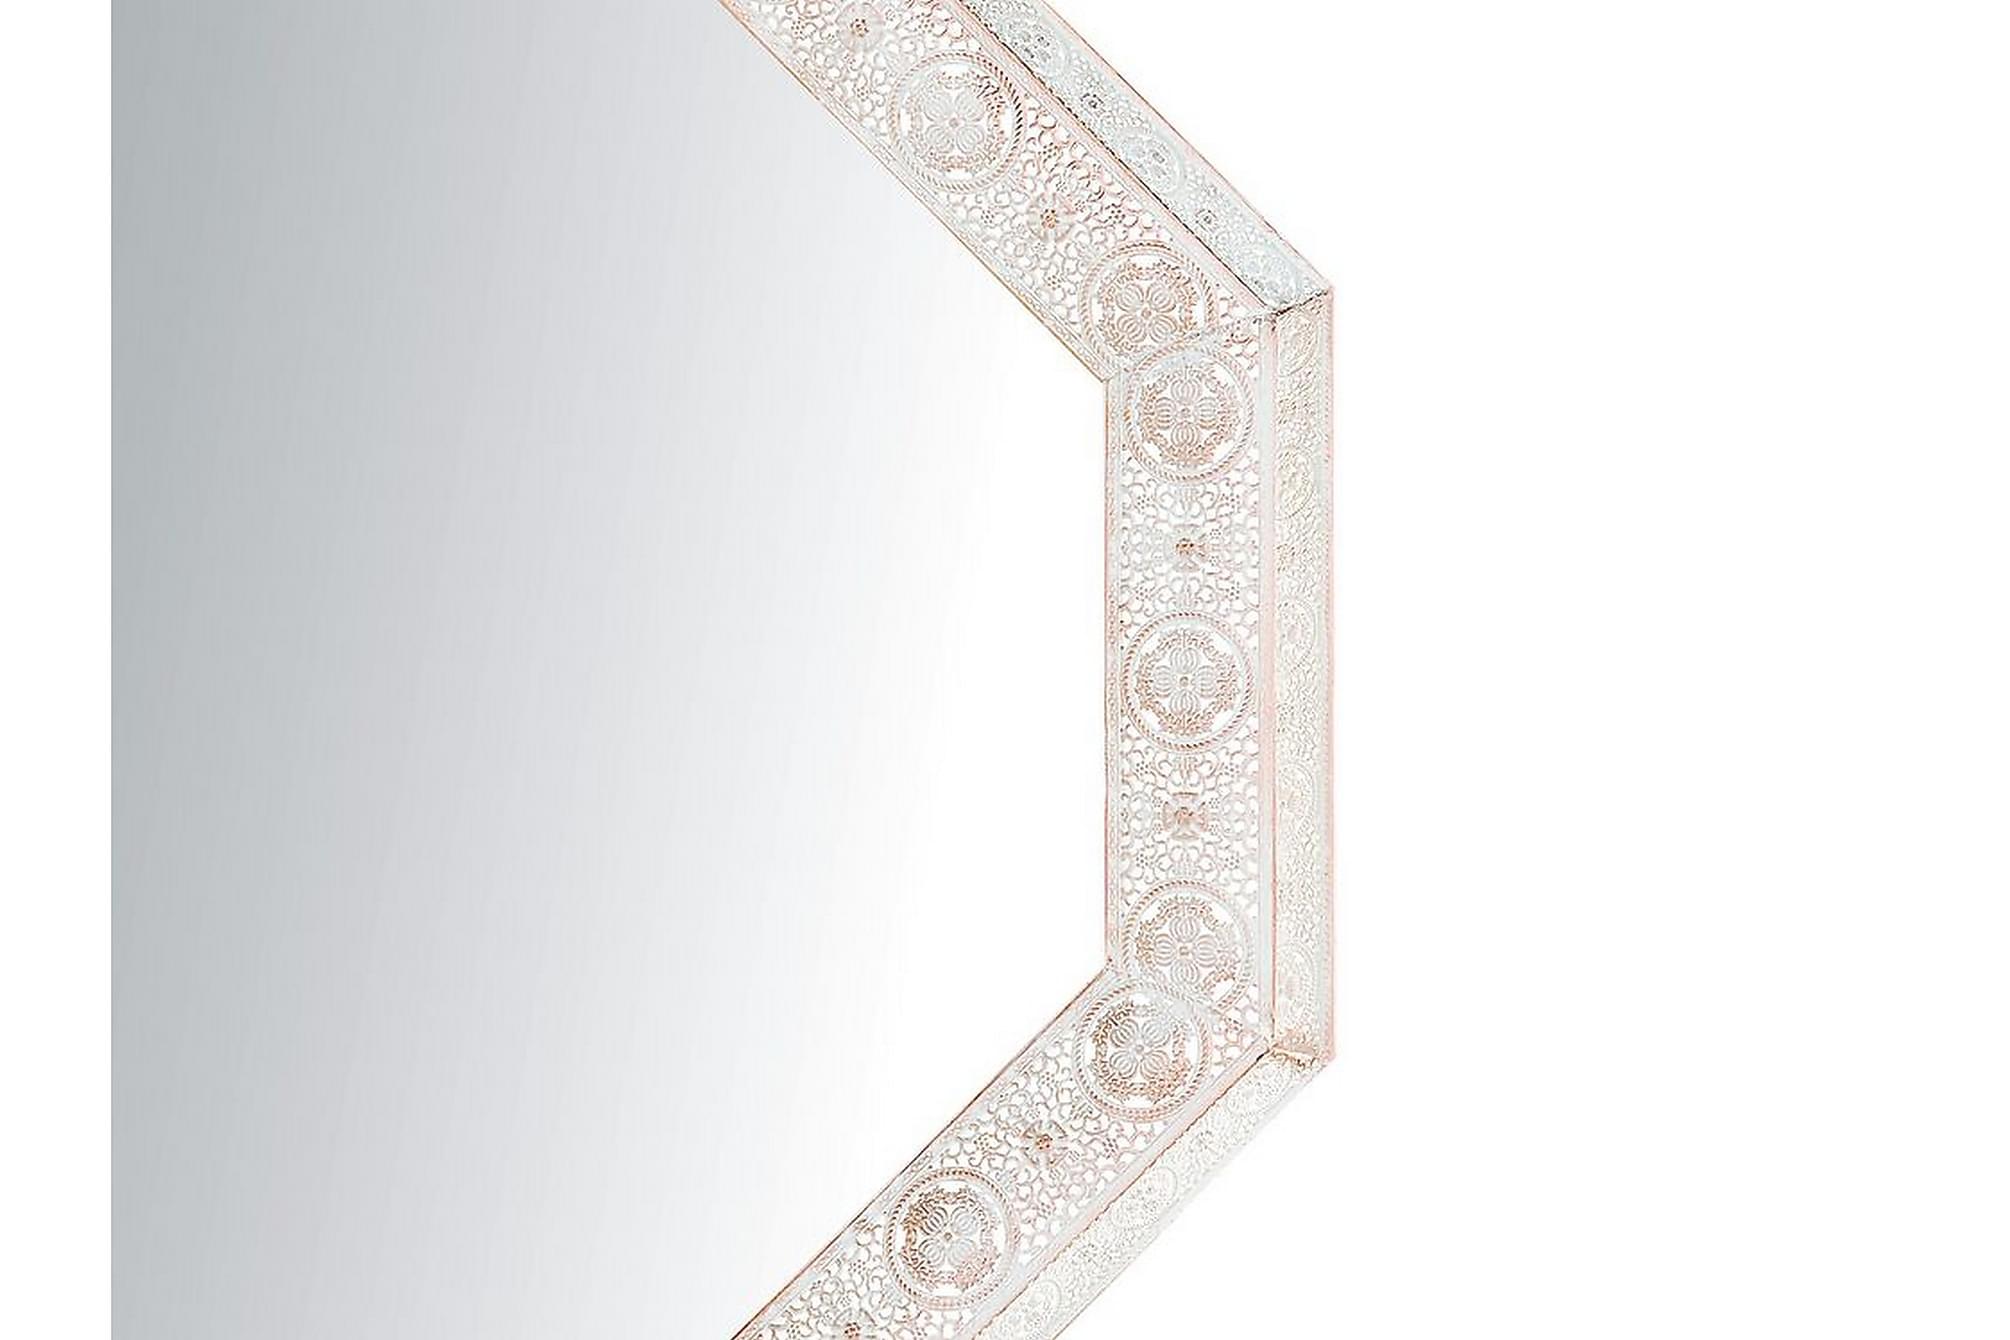 ALARCON Spegel 84x84 cm Vit, Speglar